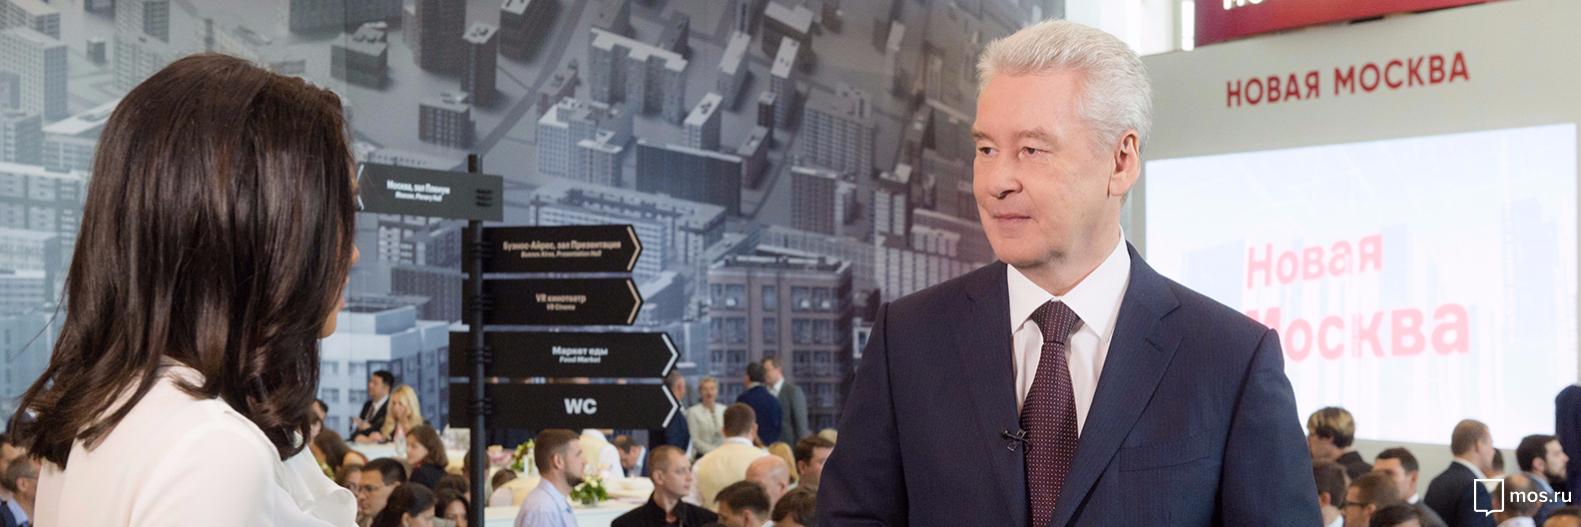 Собянин открыл северный вестибюль станции МЦК «Кутузовская»